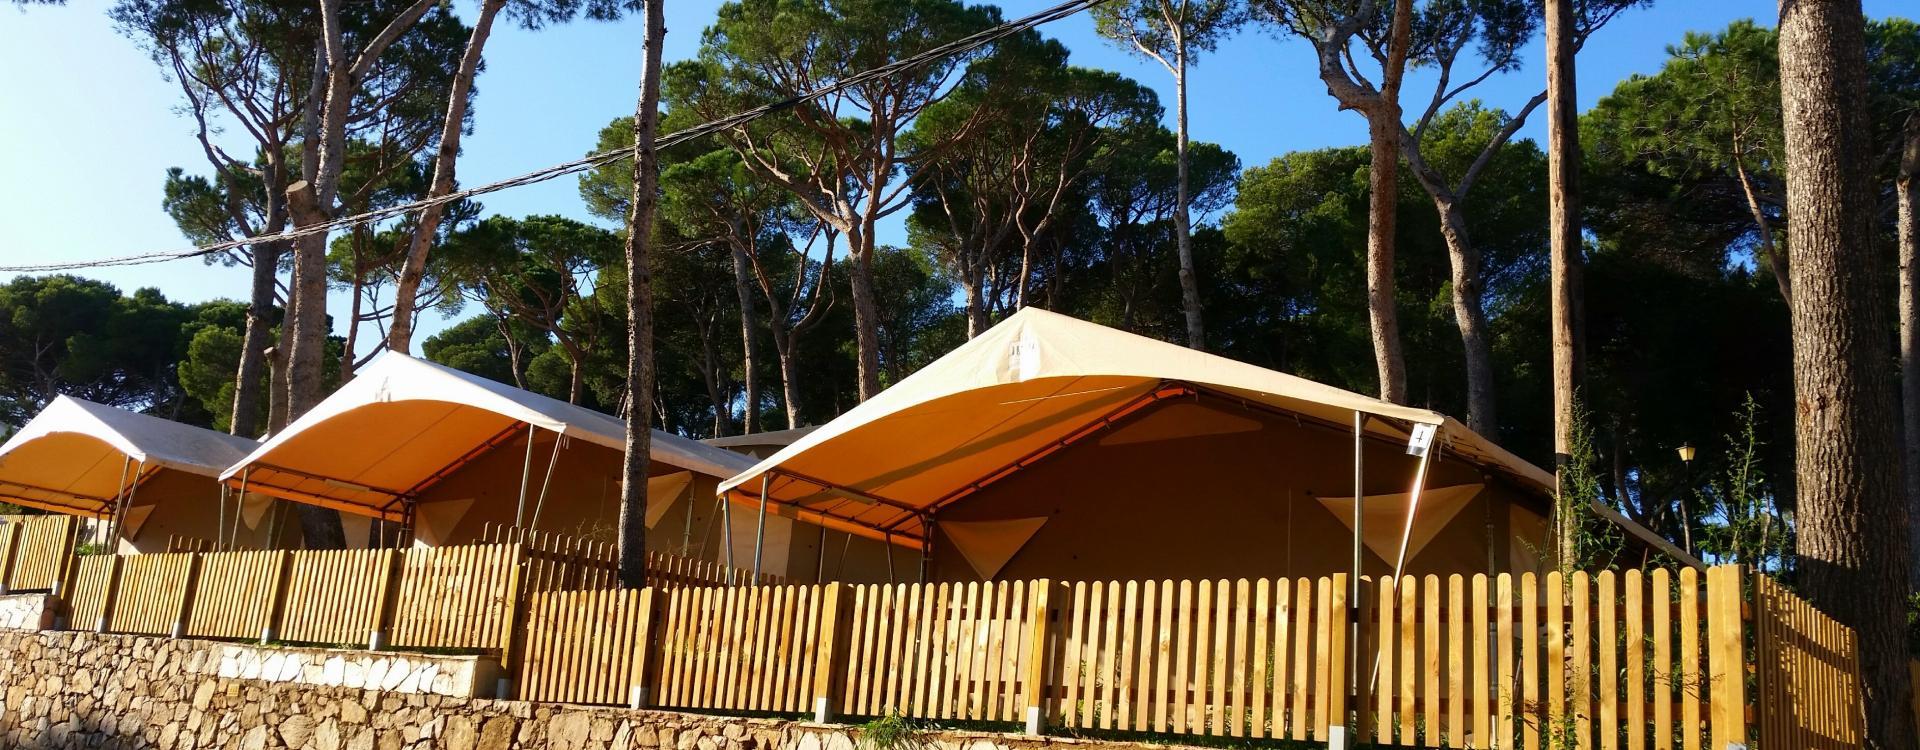 Grote tenten aan de Costa Brava